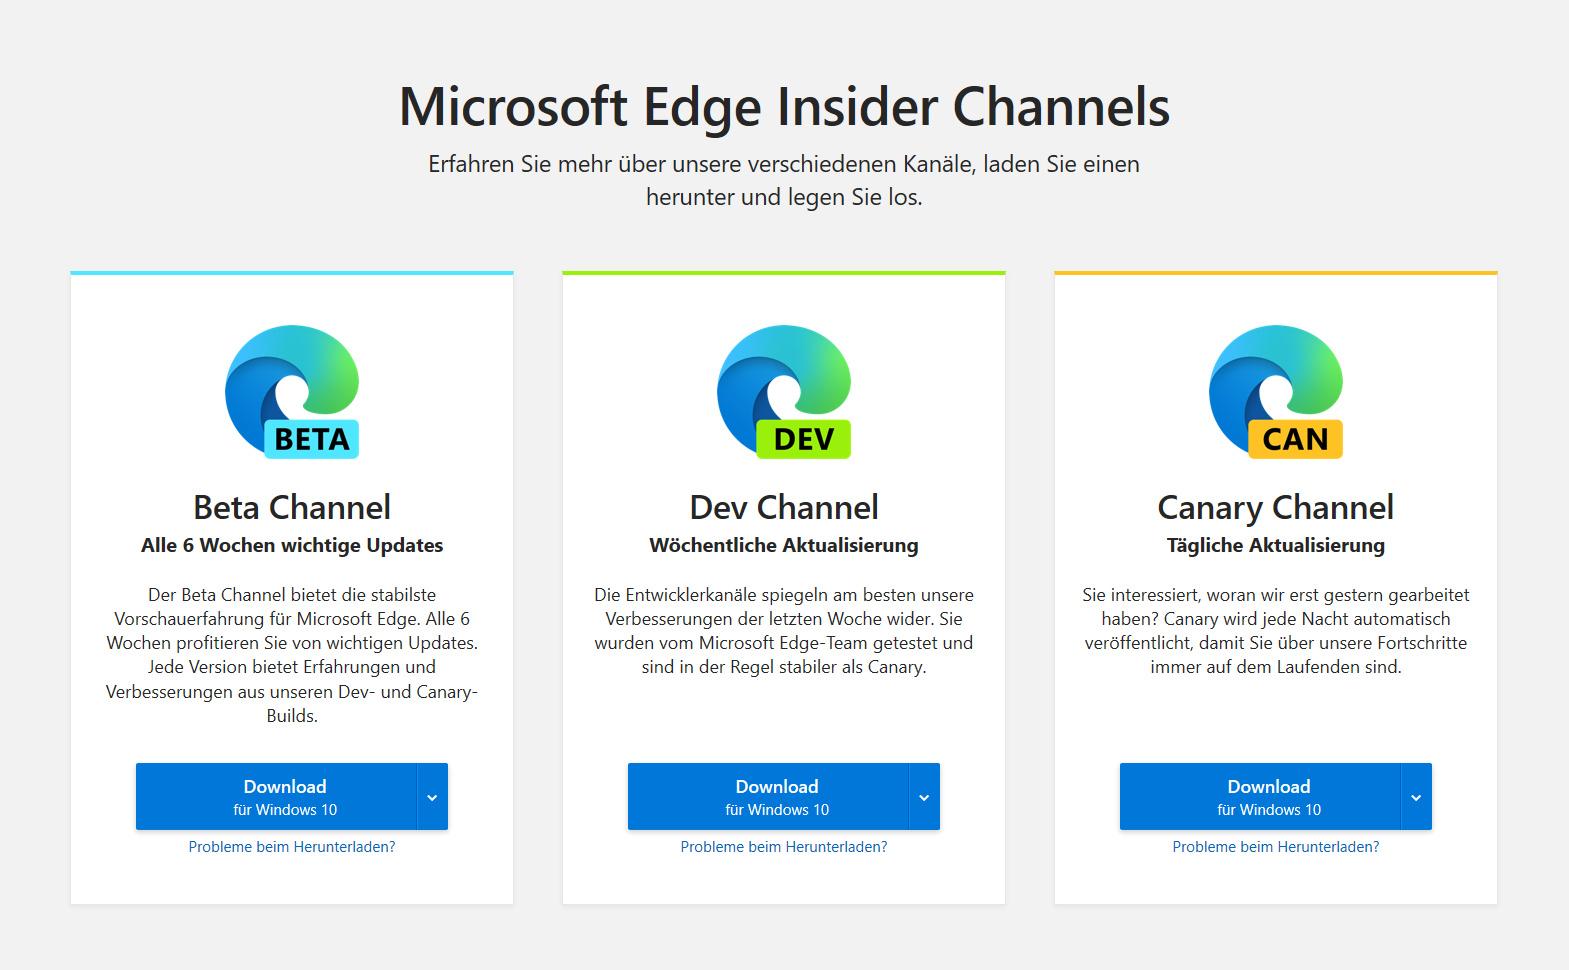 """Über die Insider Channels """"Dev"""" und """"Canary"""" können die optimierten Builds getestet werden"""